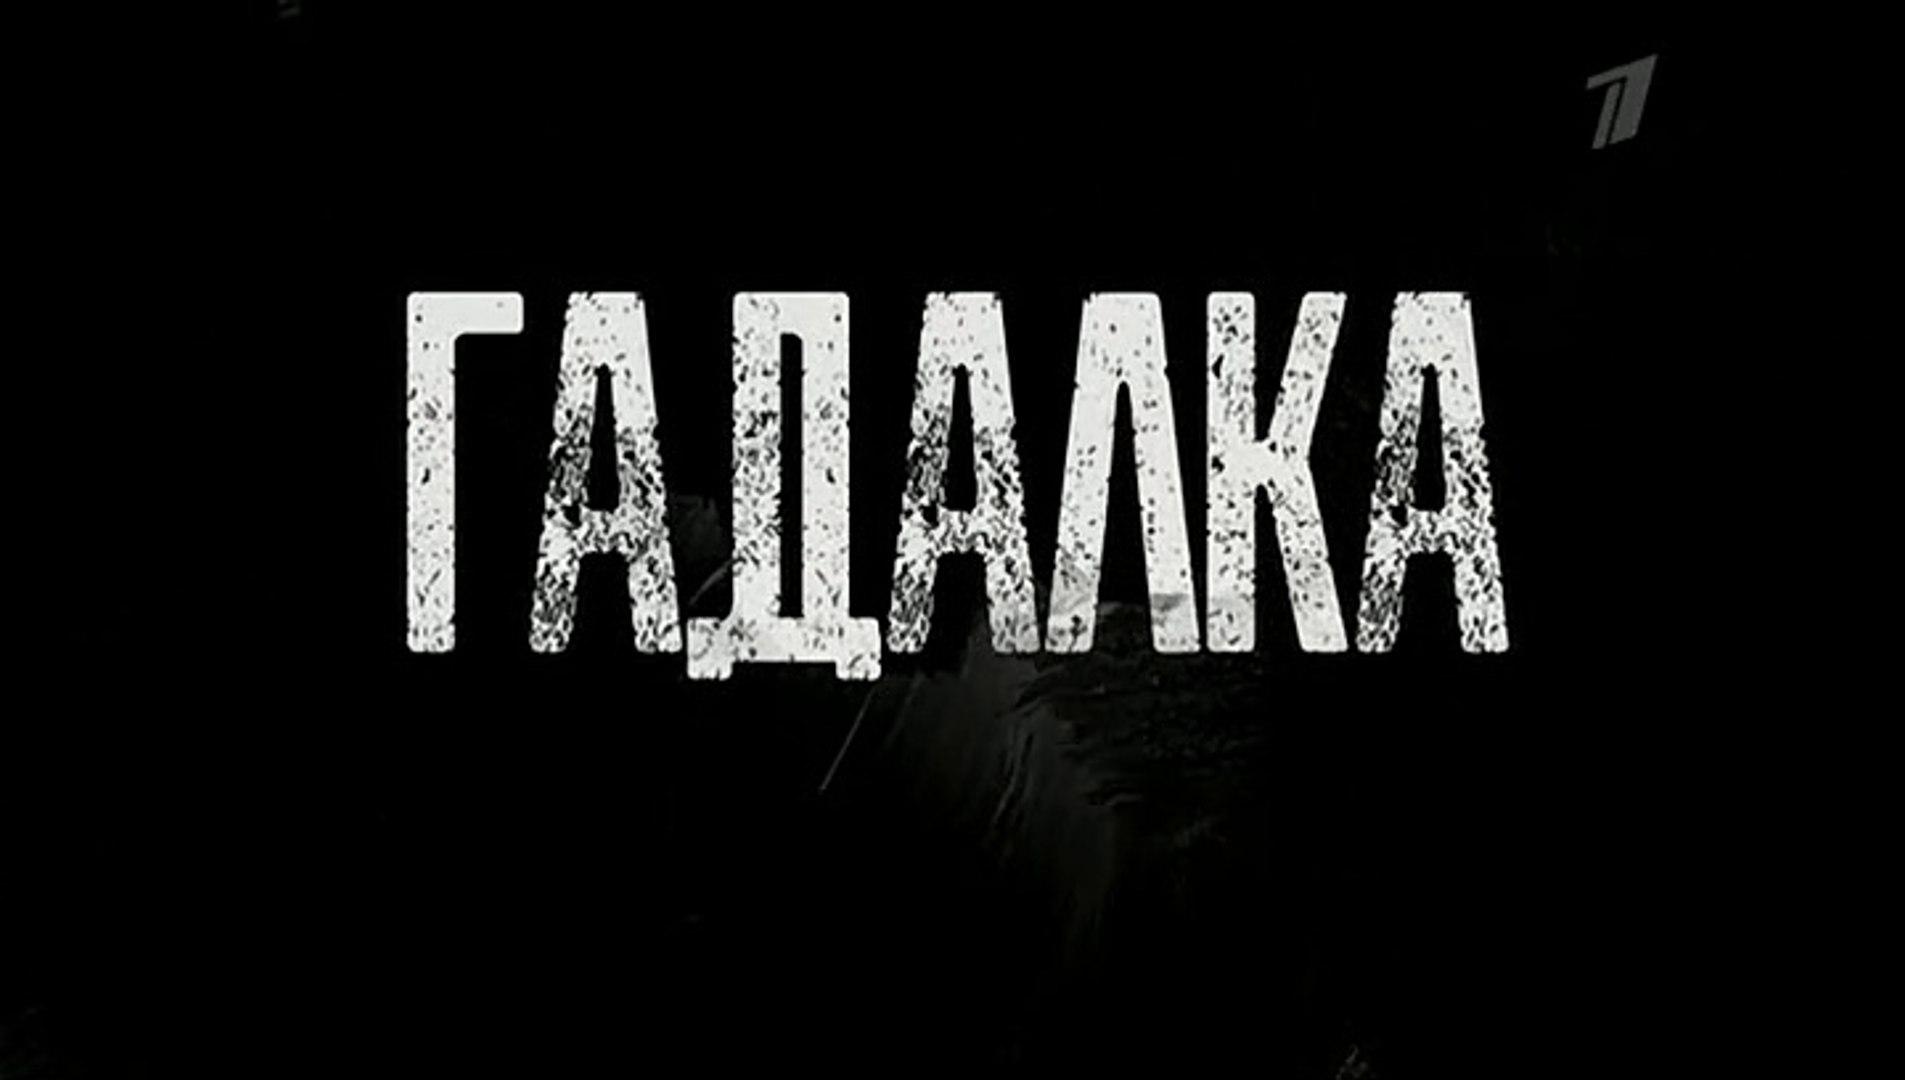 Гадалка - 3 серия (2018) смотреть онлайн